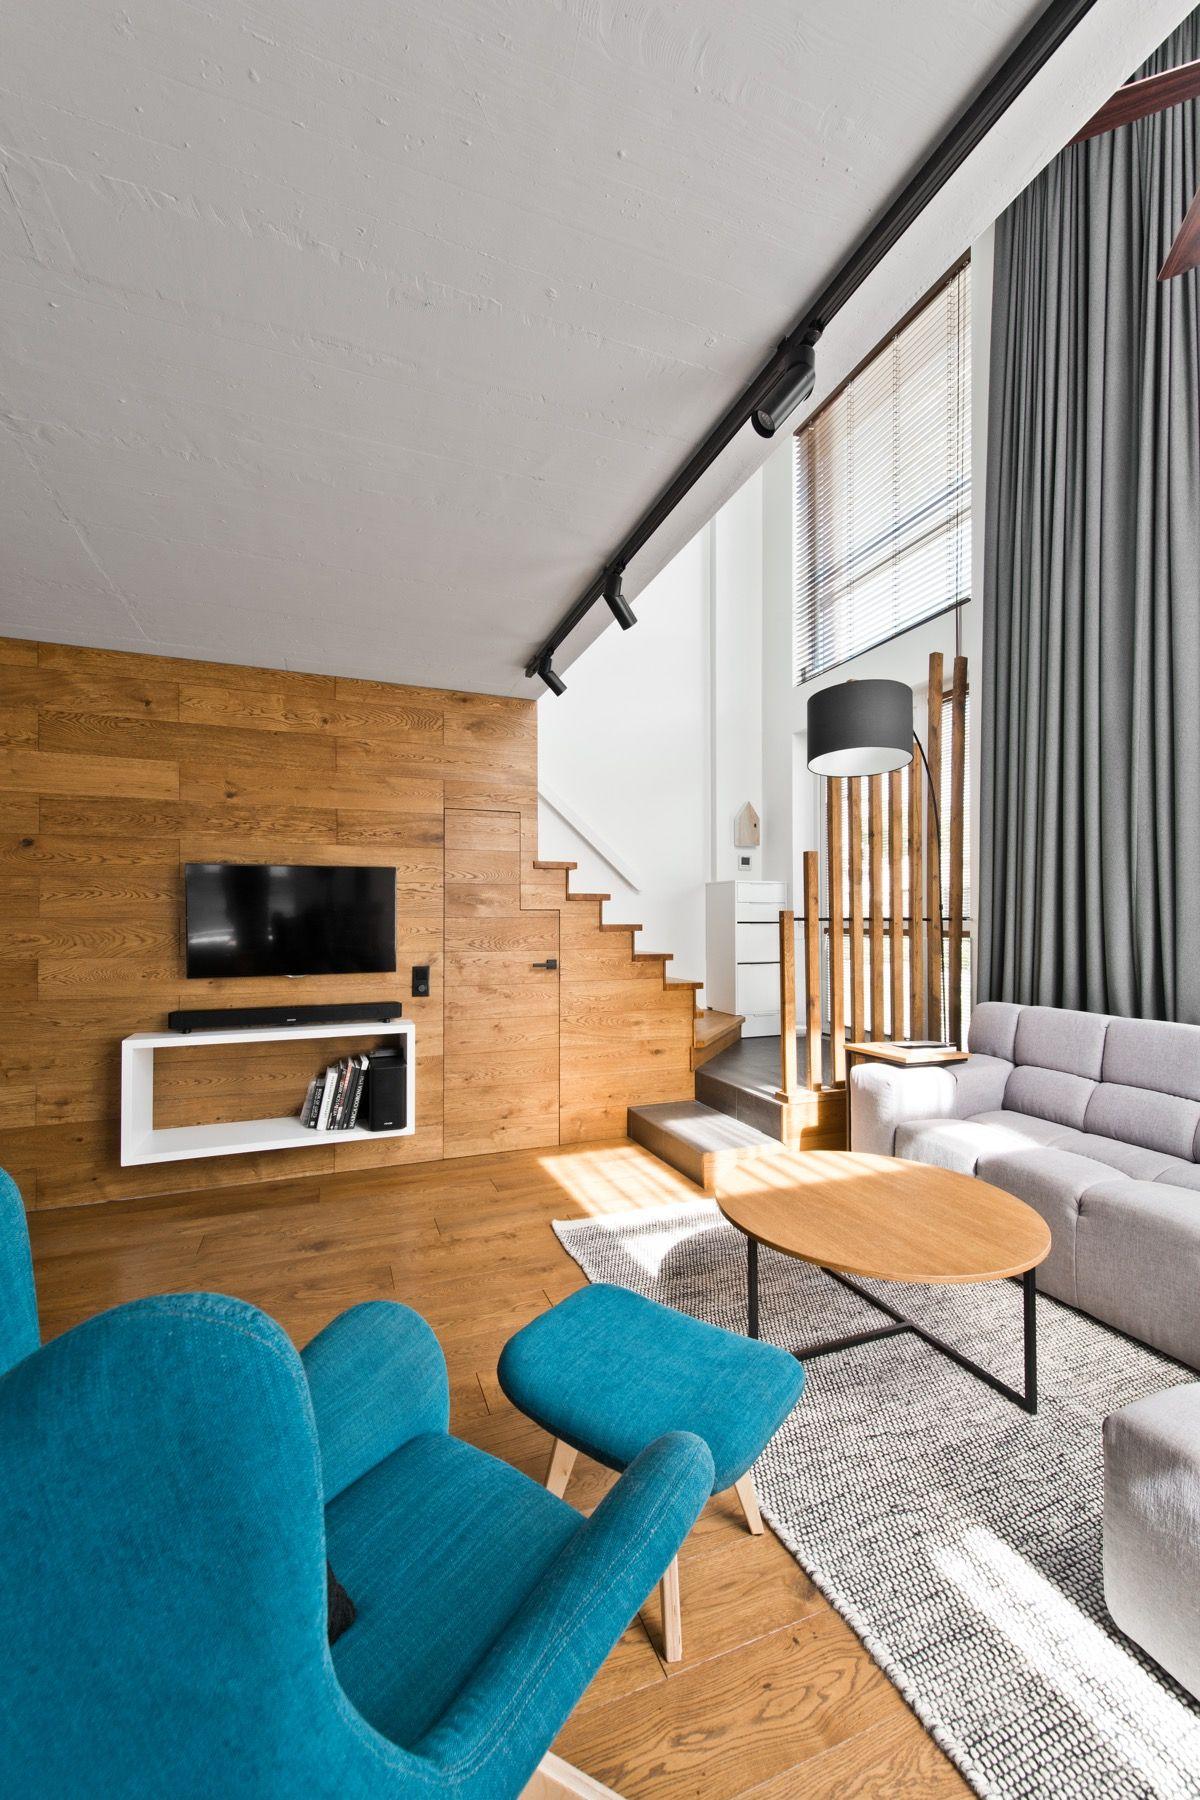 d coration d 39 un loft avec un style scandinave chic bois. Black Bedroom Furniture Sets. Home Design Ideas